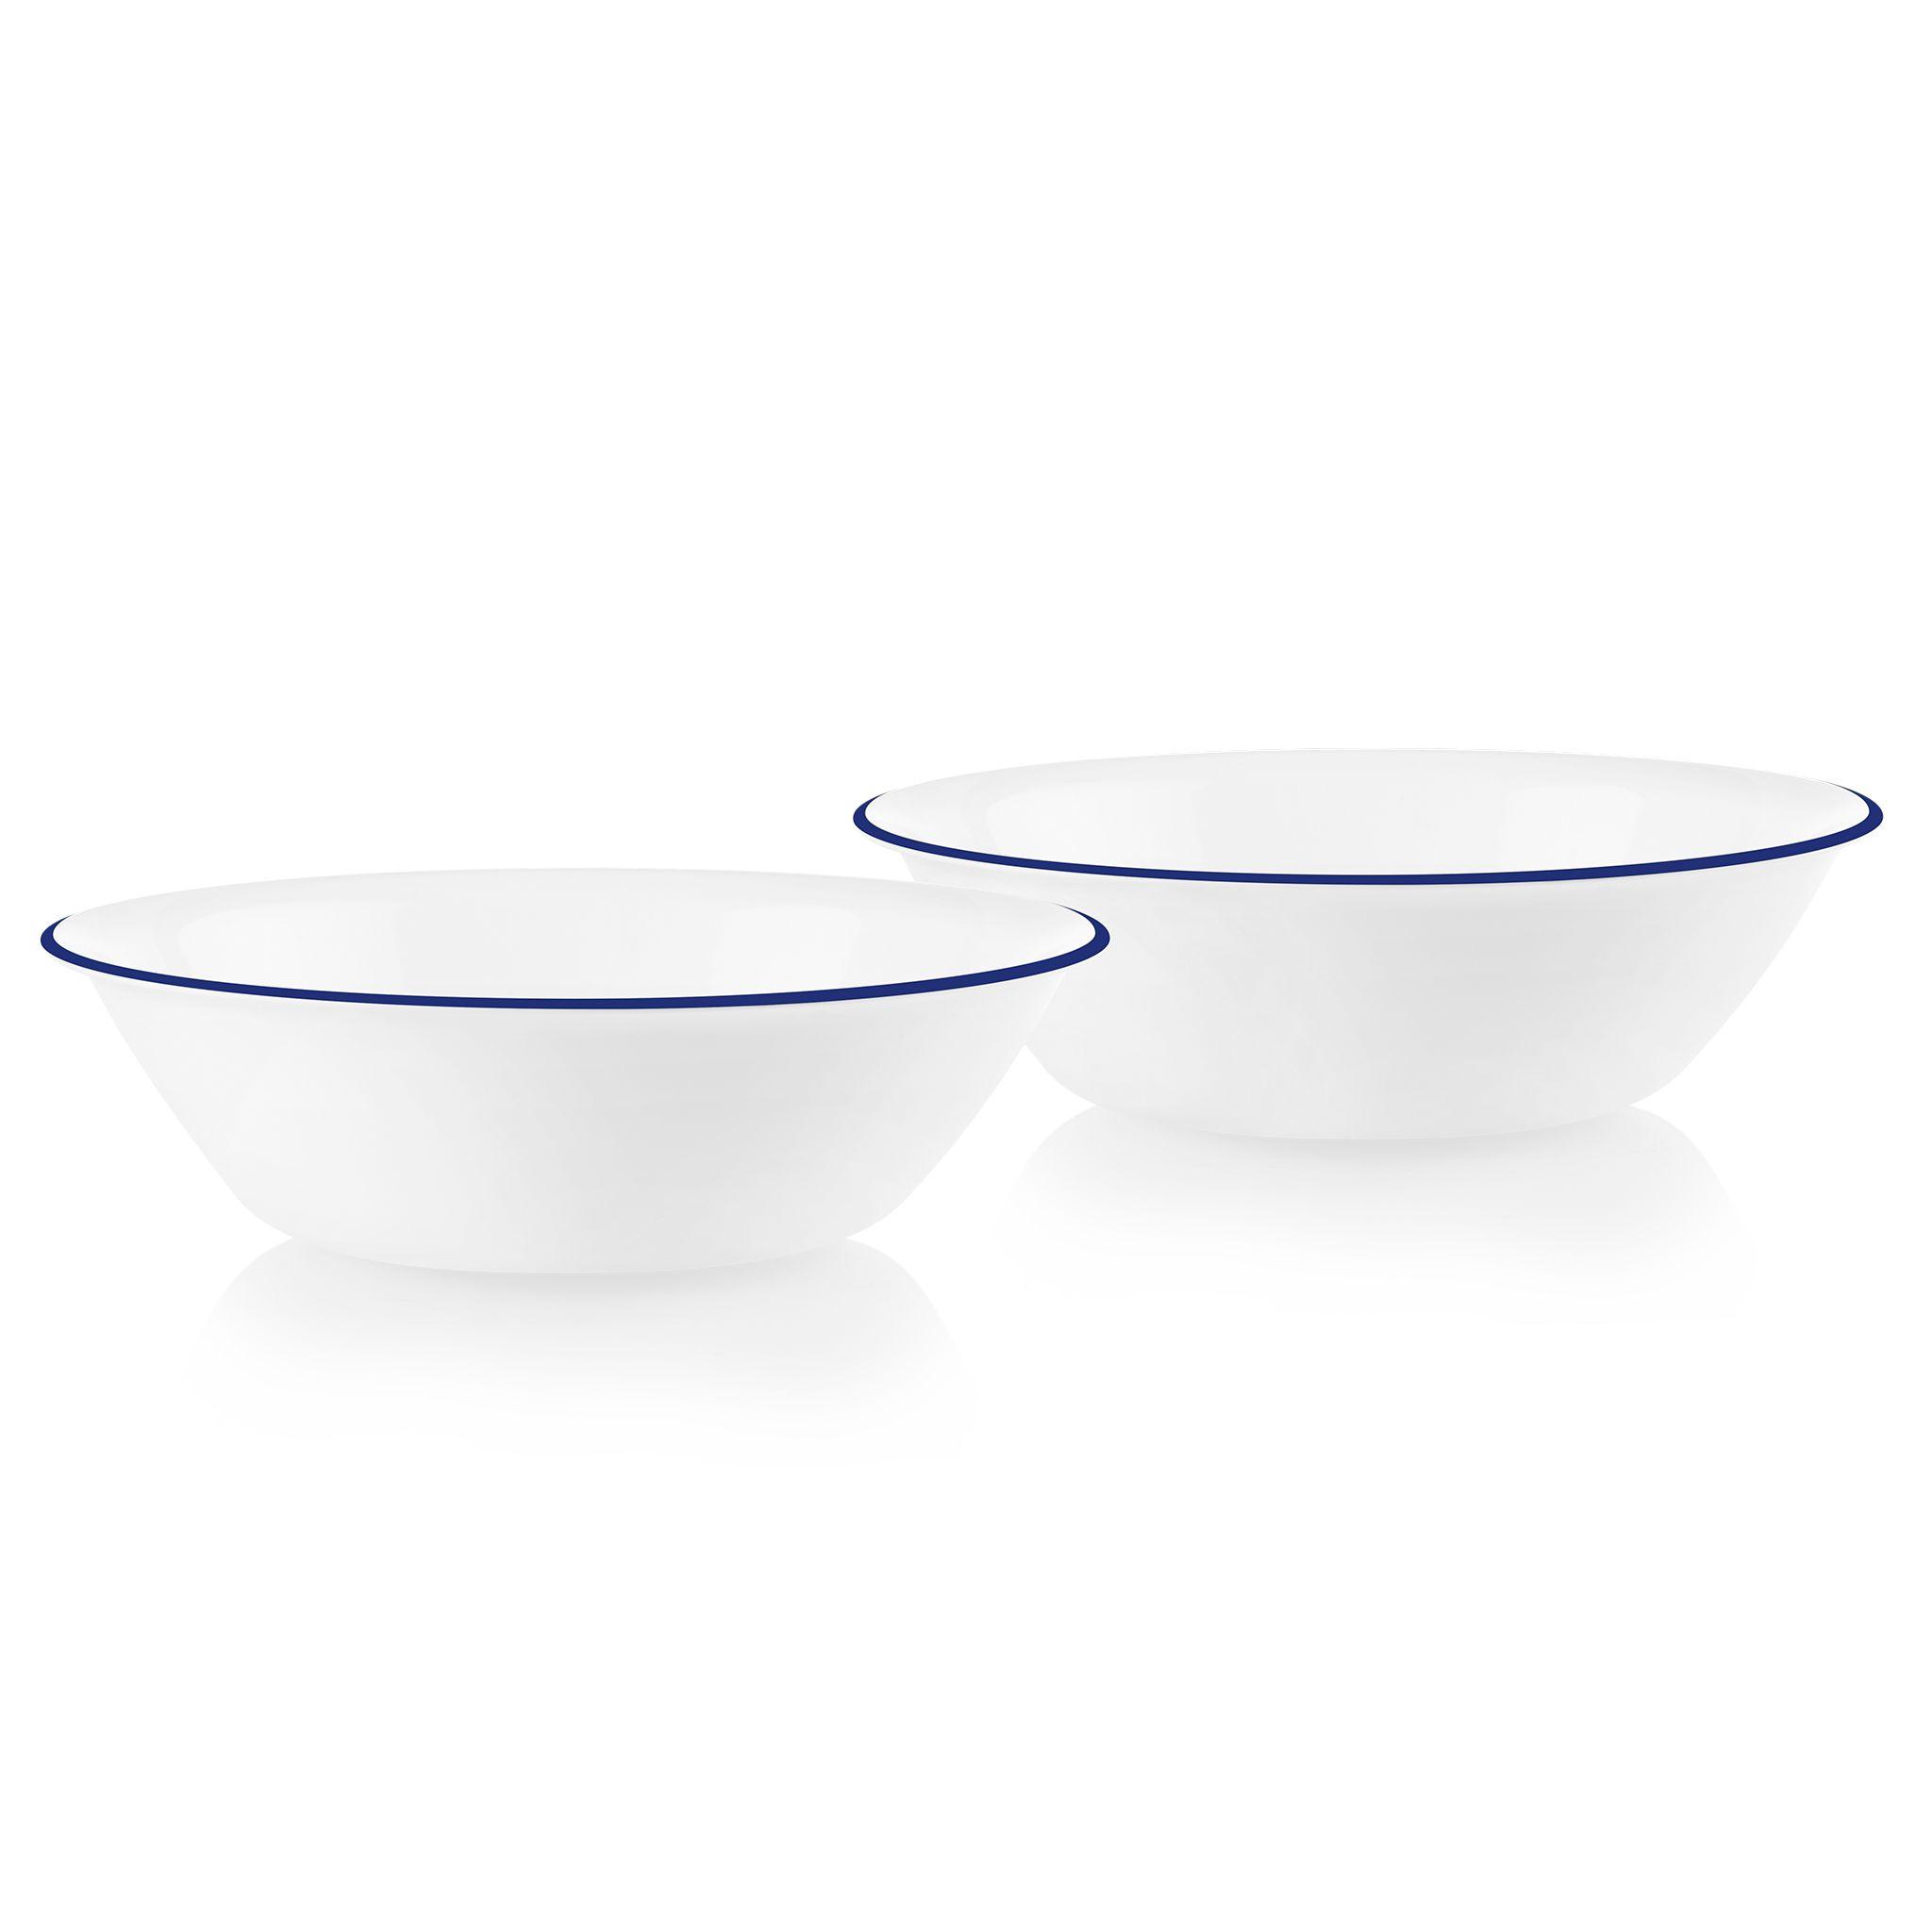 Brilliant Blue Banded 2-quart Serving Bowls, 2-pack